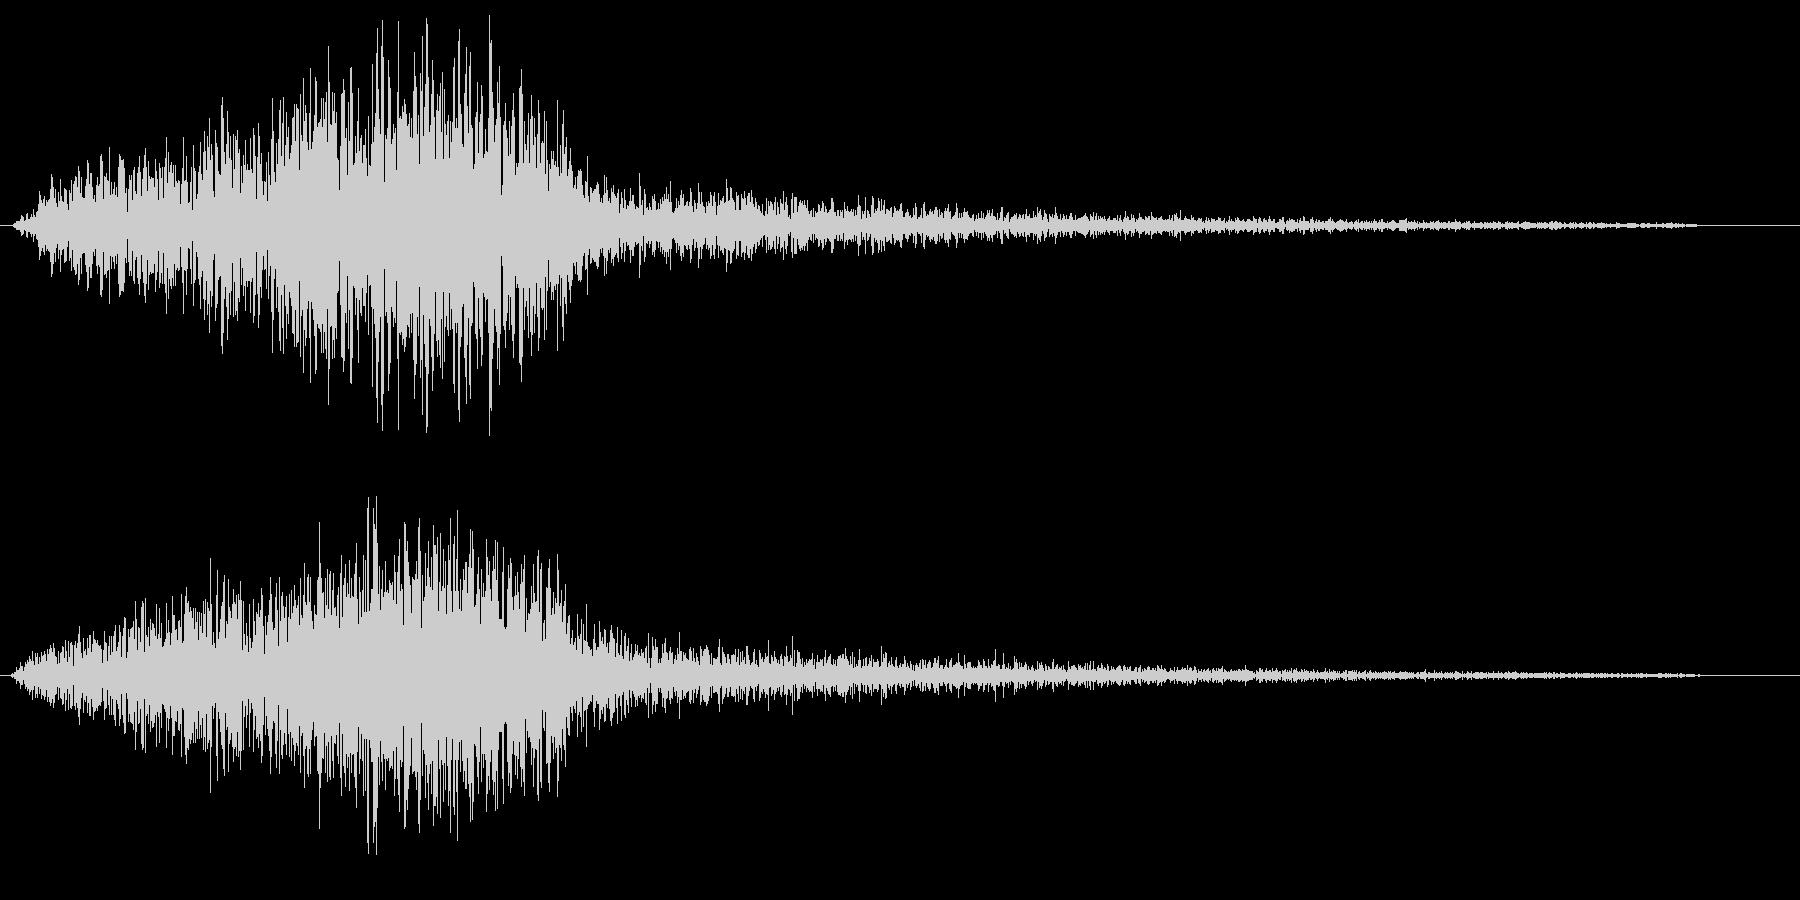 シュワー(圧縮空気が勢いよく出る音)の未再生の波形